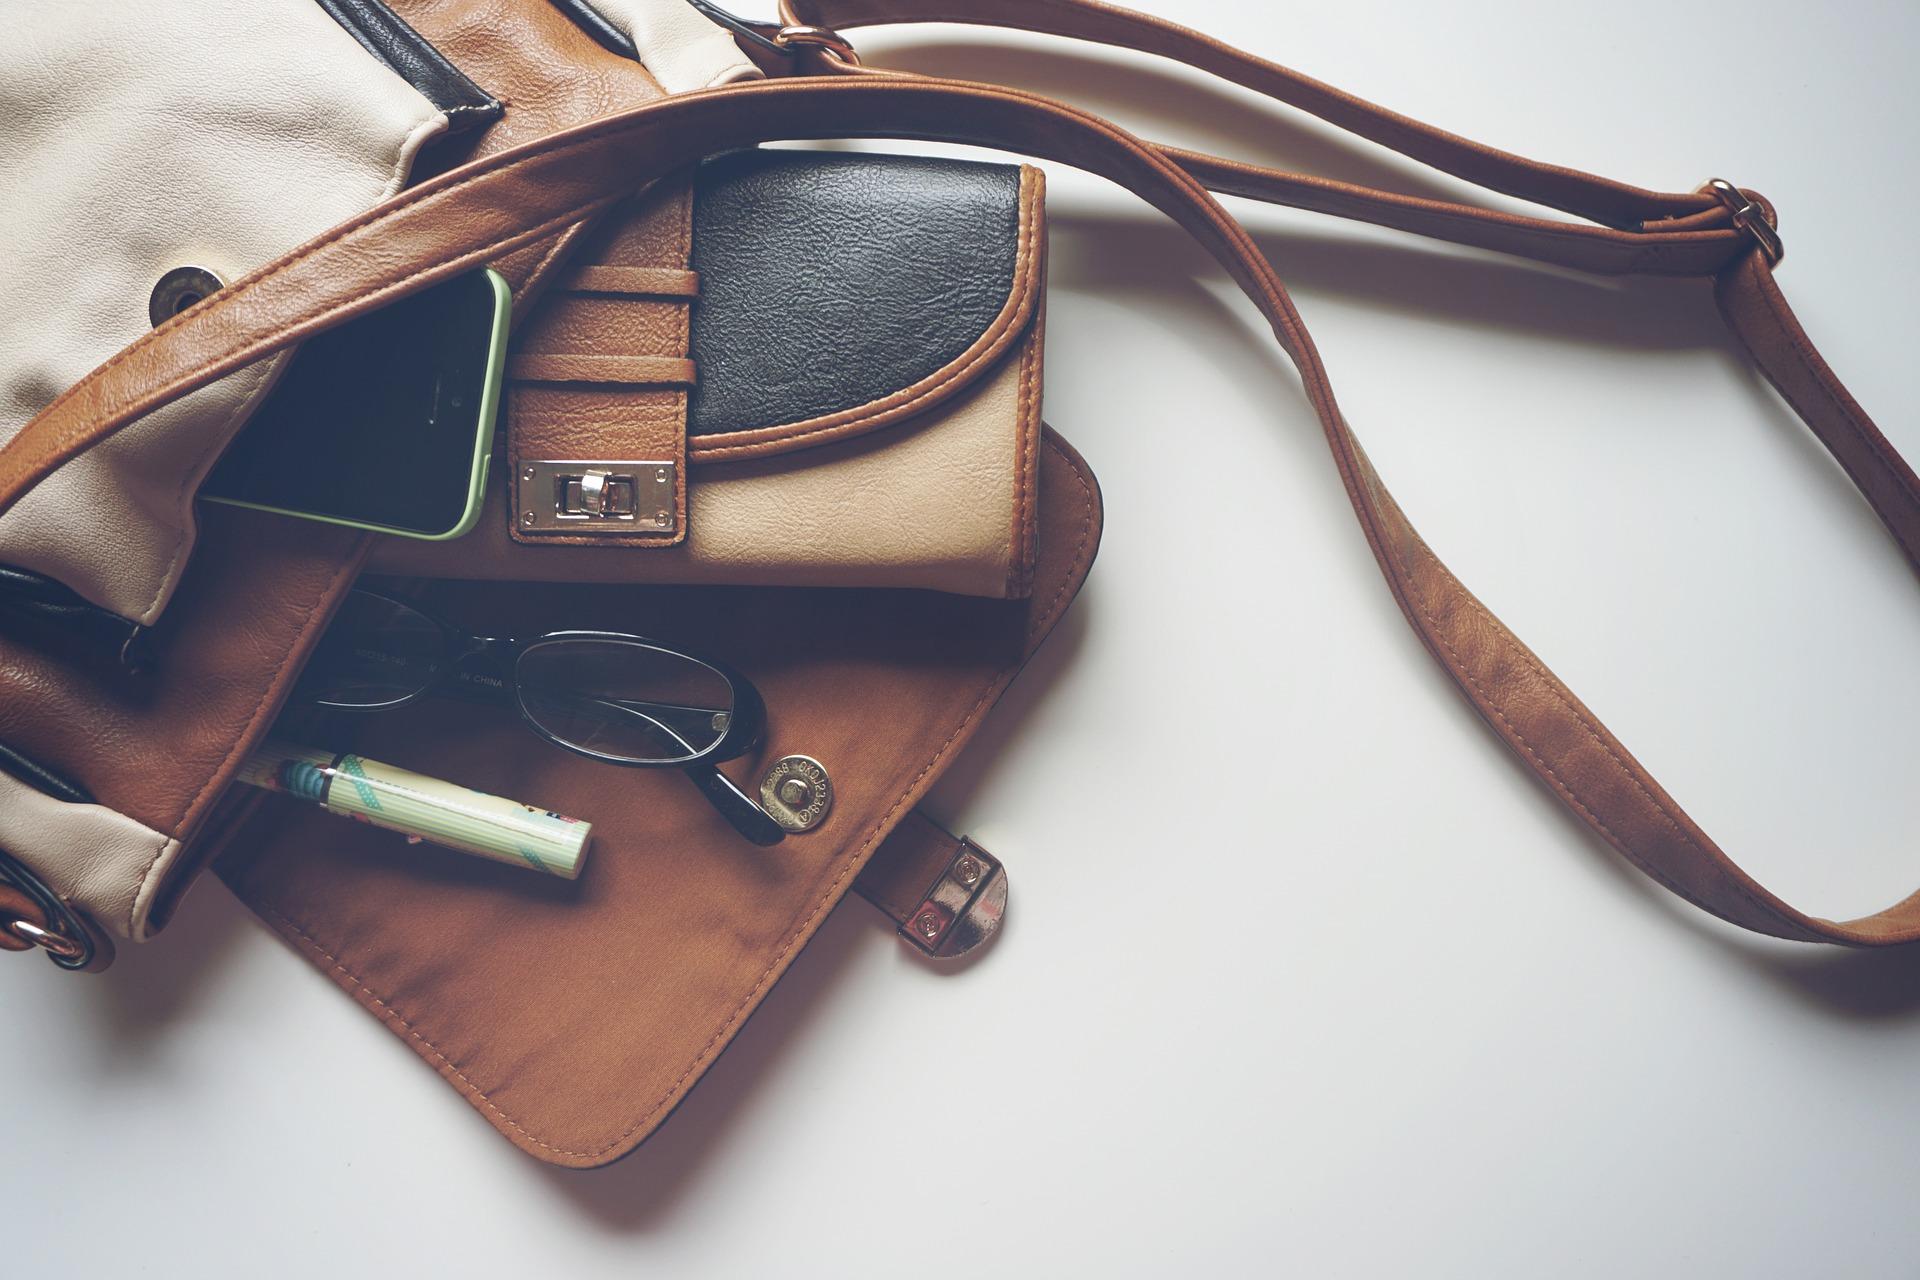 Fuldend dit outfit med en stilfuld bumbag eller clutch i god kvalitet